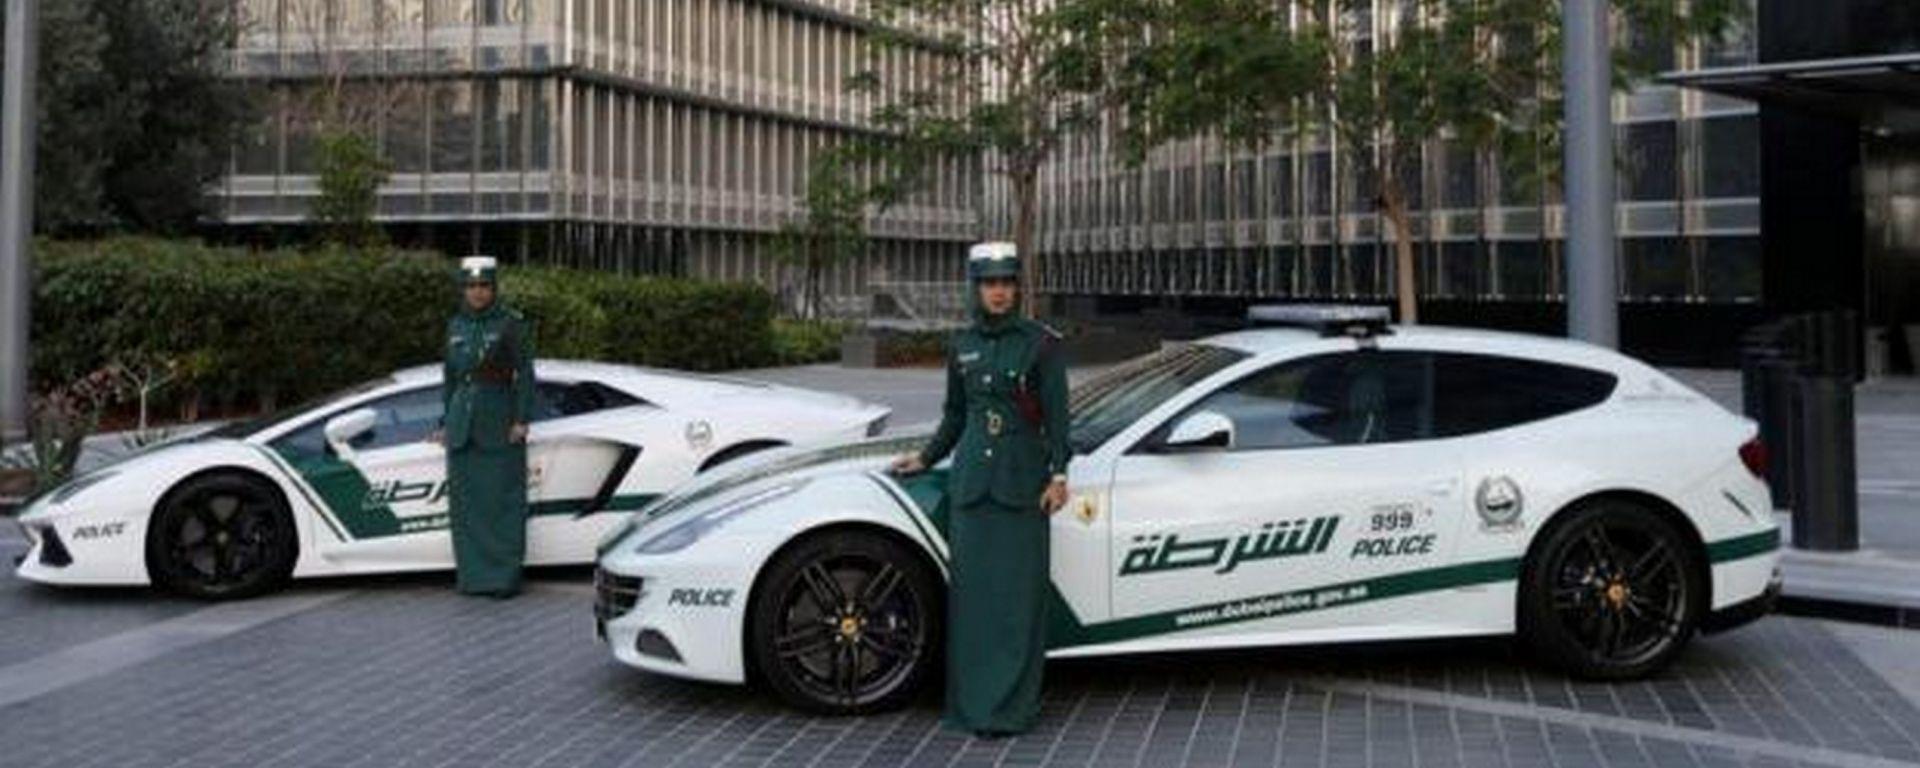 Dubai: la storia del parco auto della polizia più cool al mondo